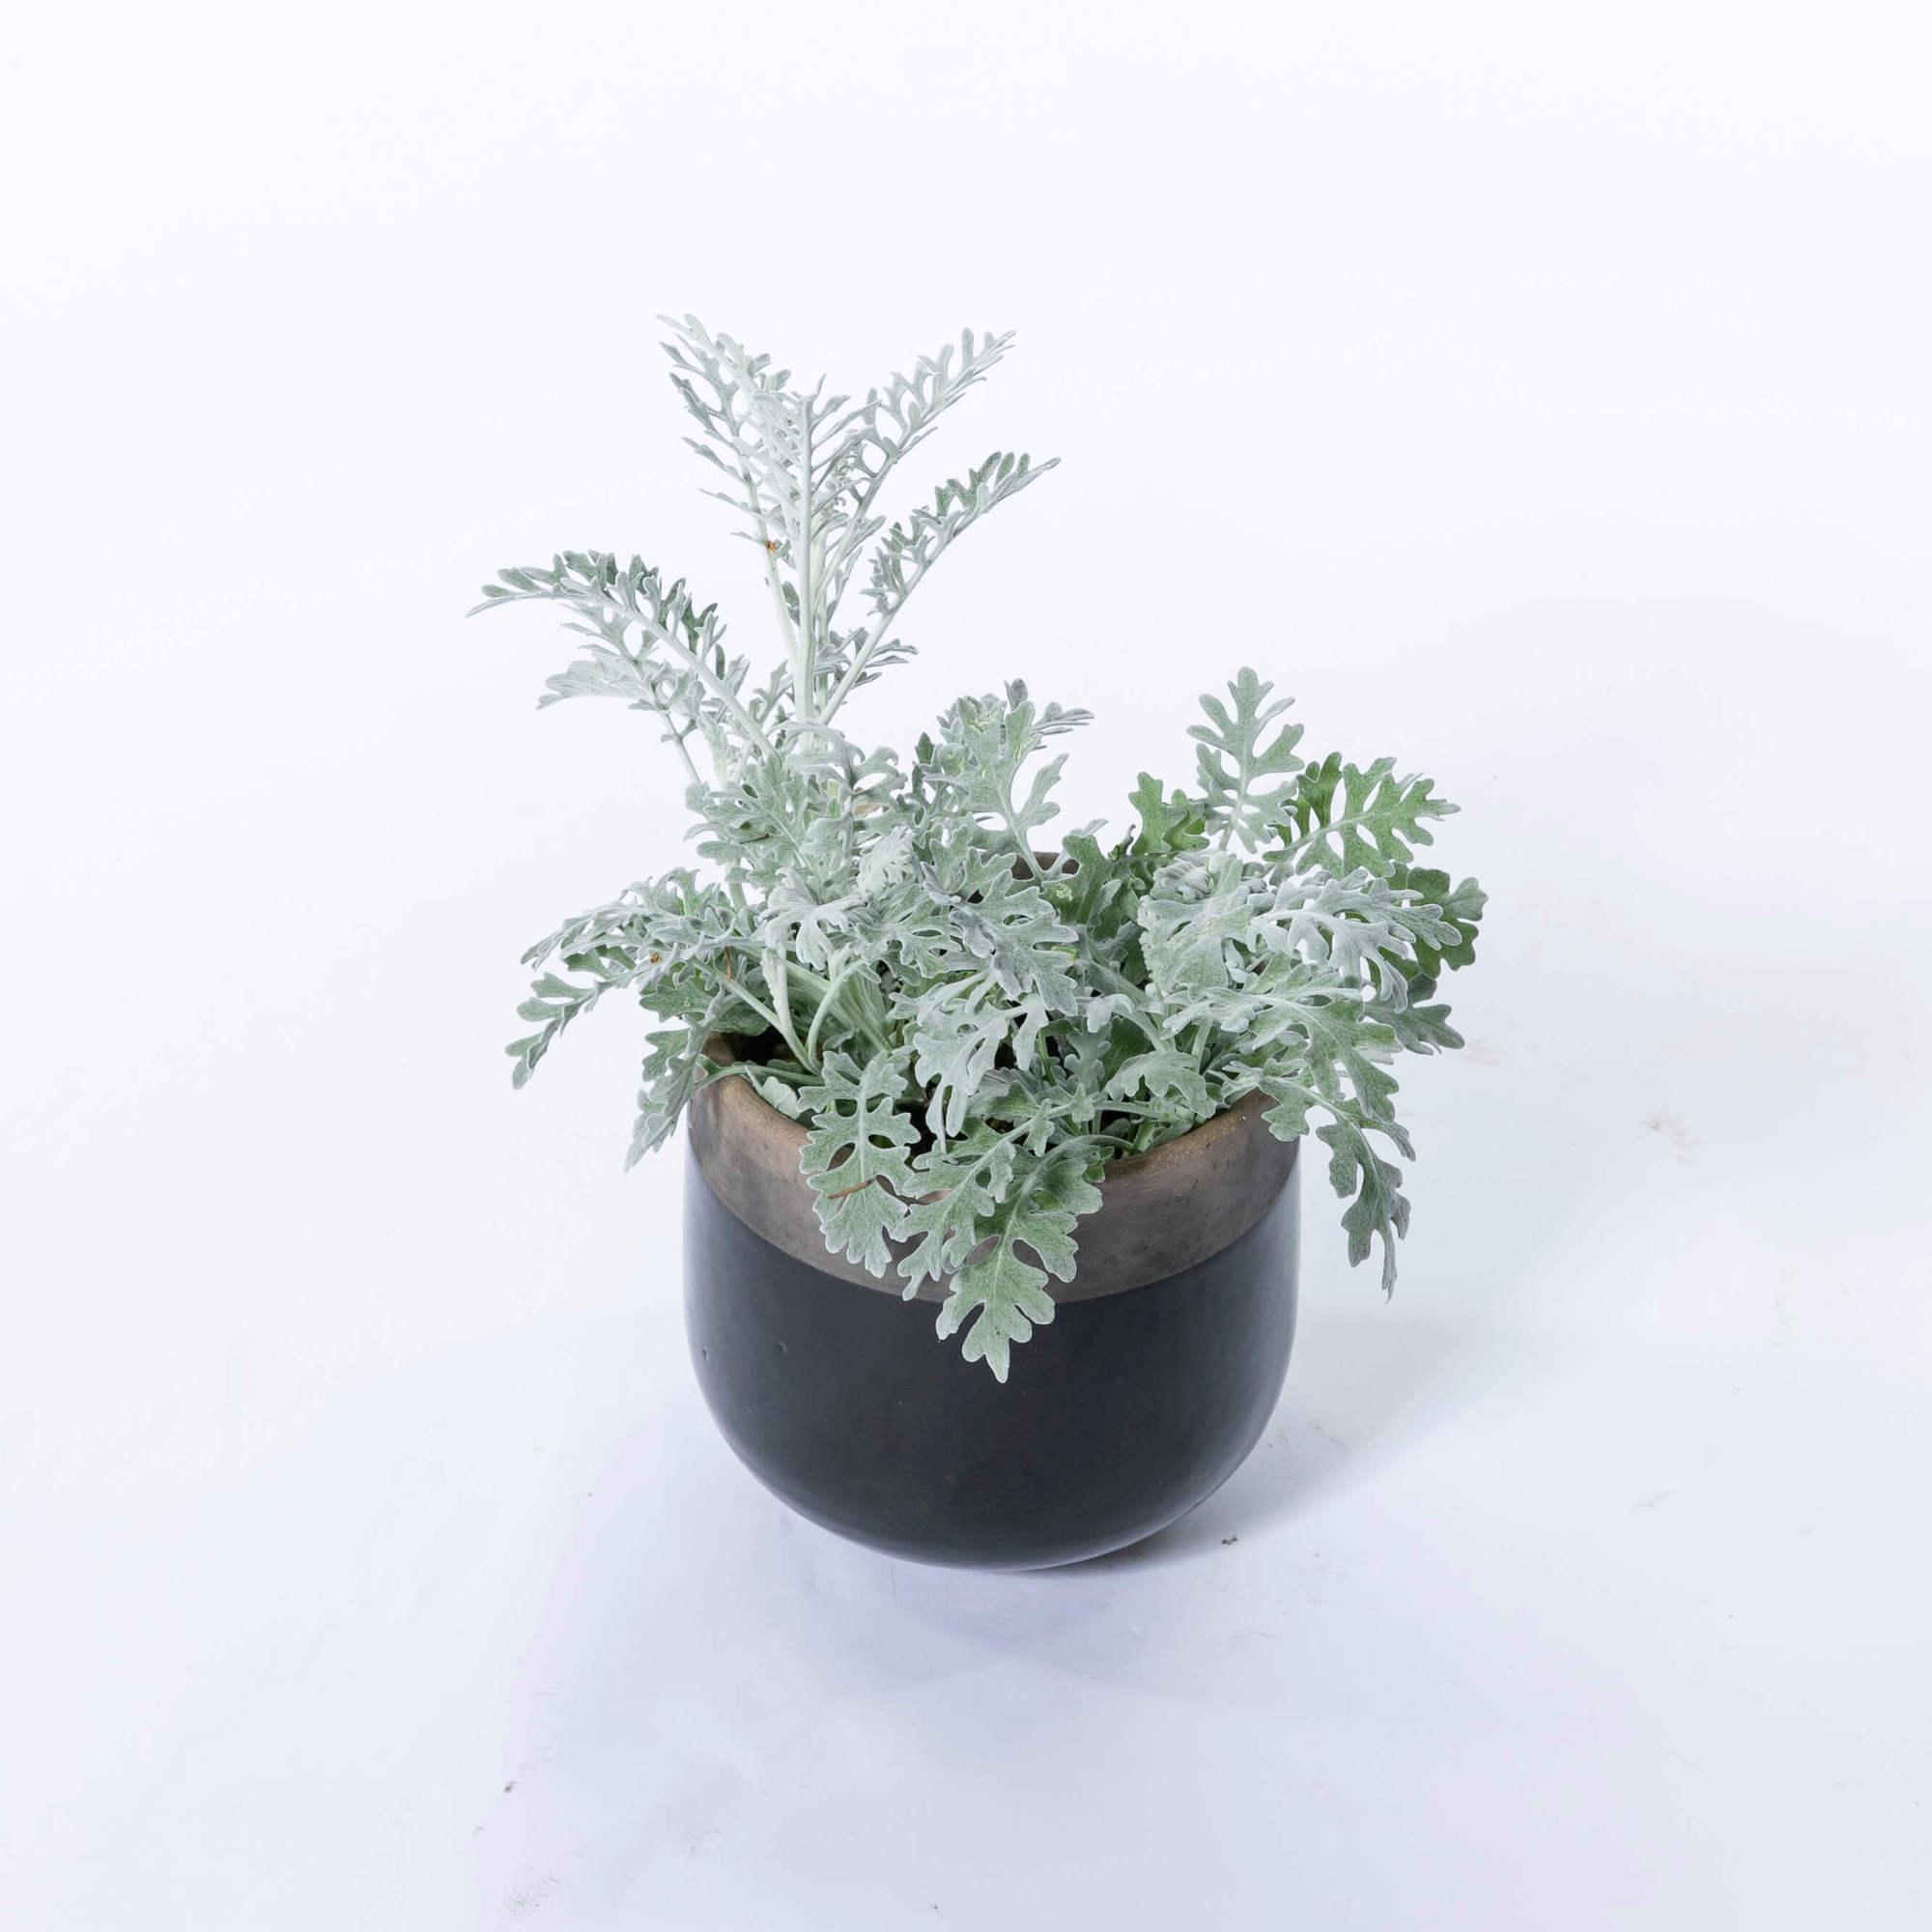 シロタエギク シルバーリーフ カラーリーフ 植栽 常緑多年草